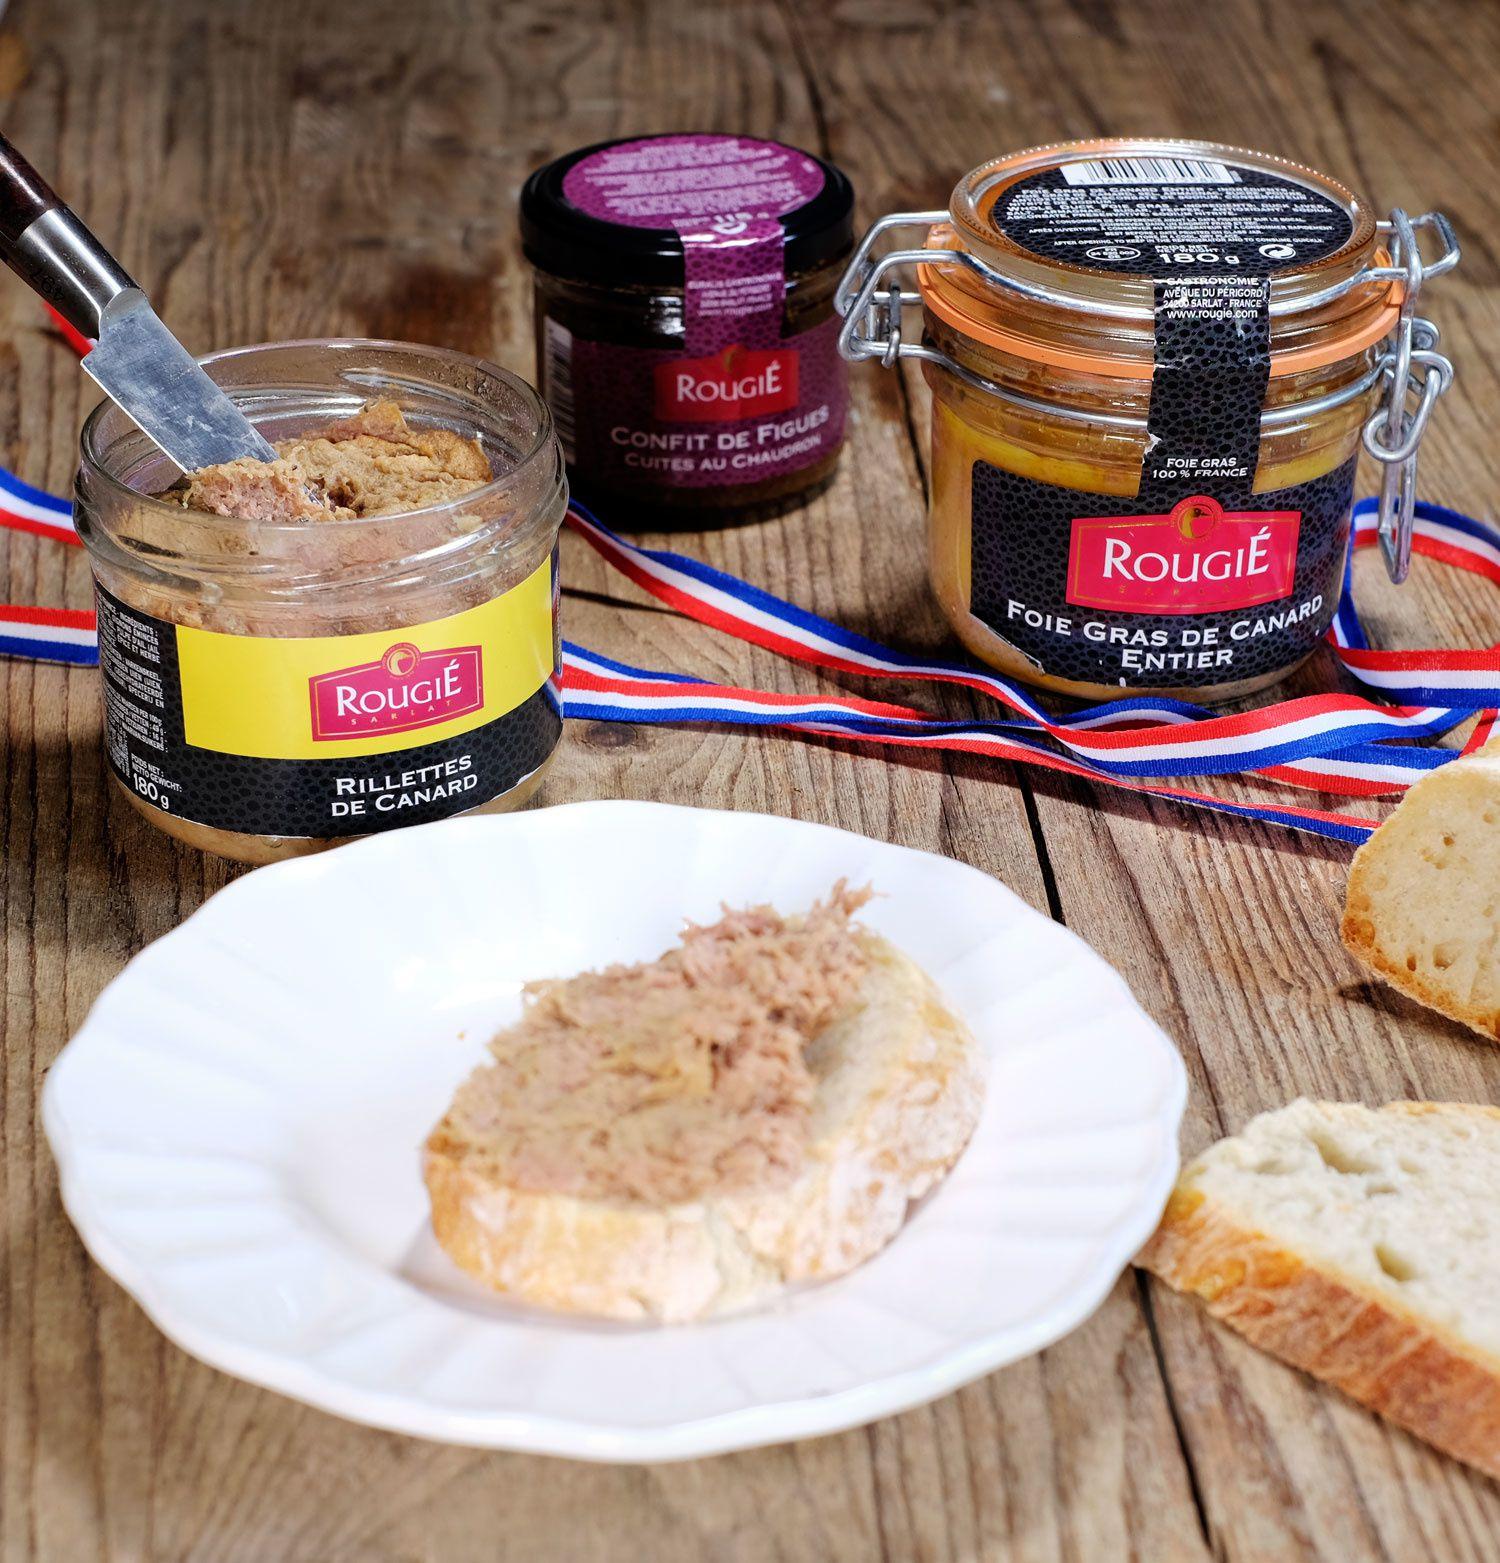 Vous voulez gagner un bon d'achat chez Rougié, le spécialiste du foie gras des chefs, c'est cadeau !